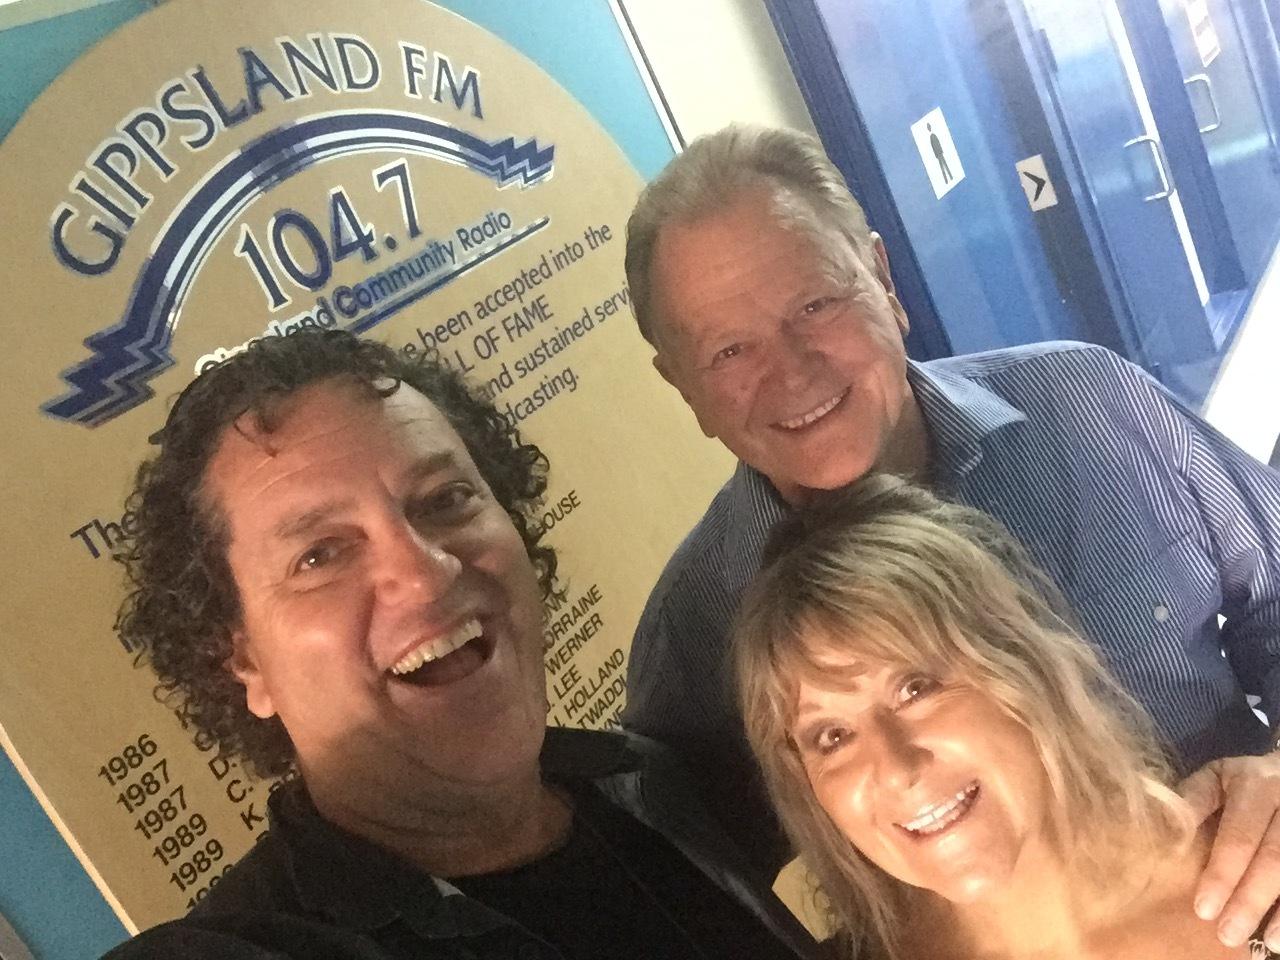 Radio Tour 19 Gipslandfm.jpg